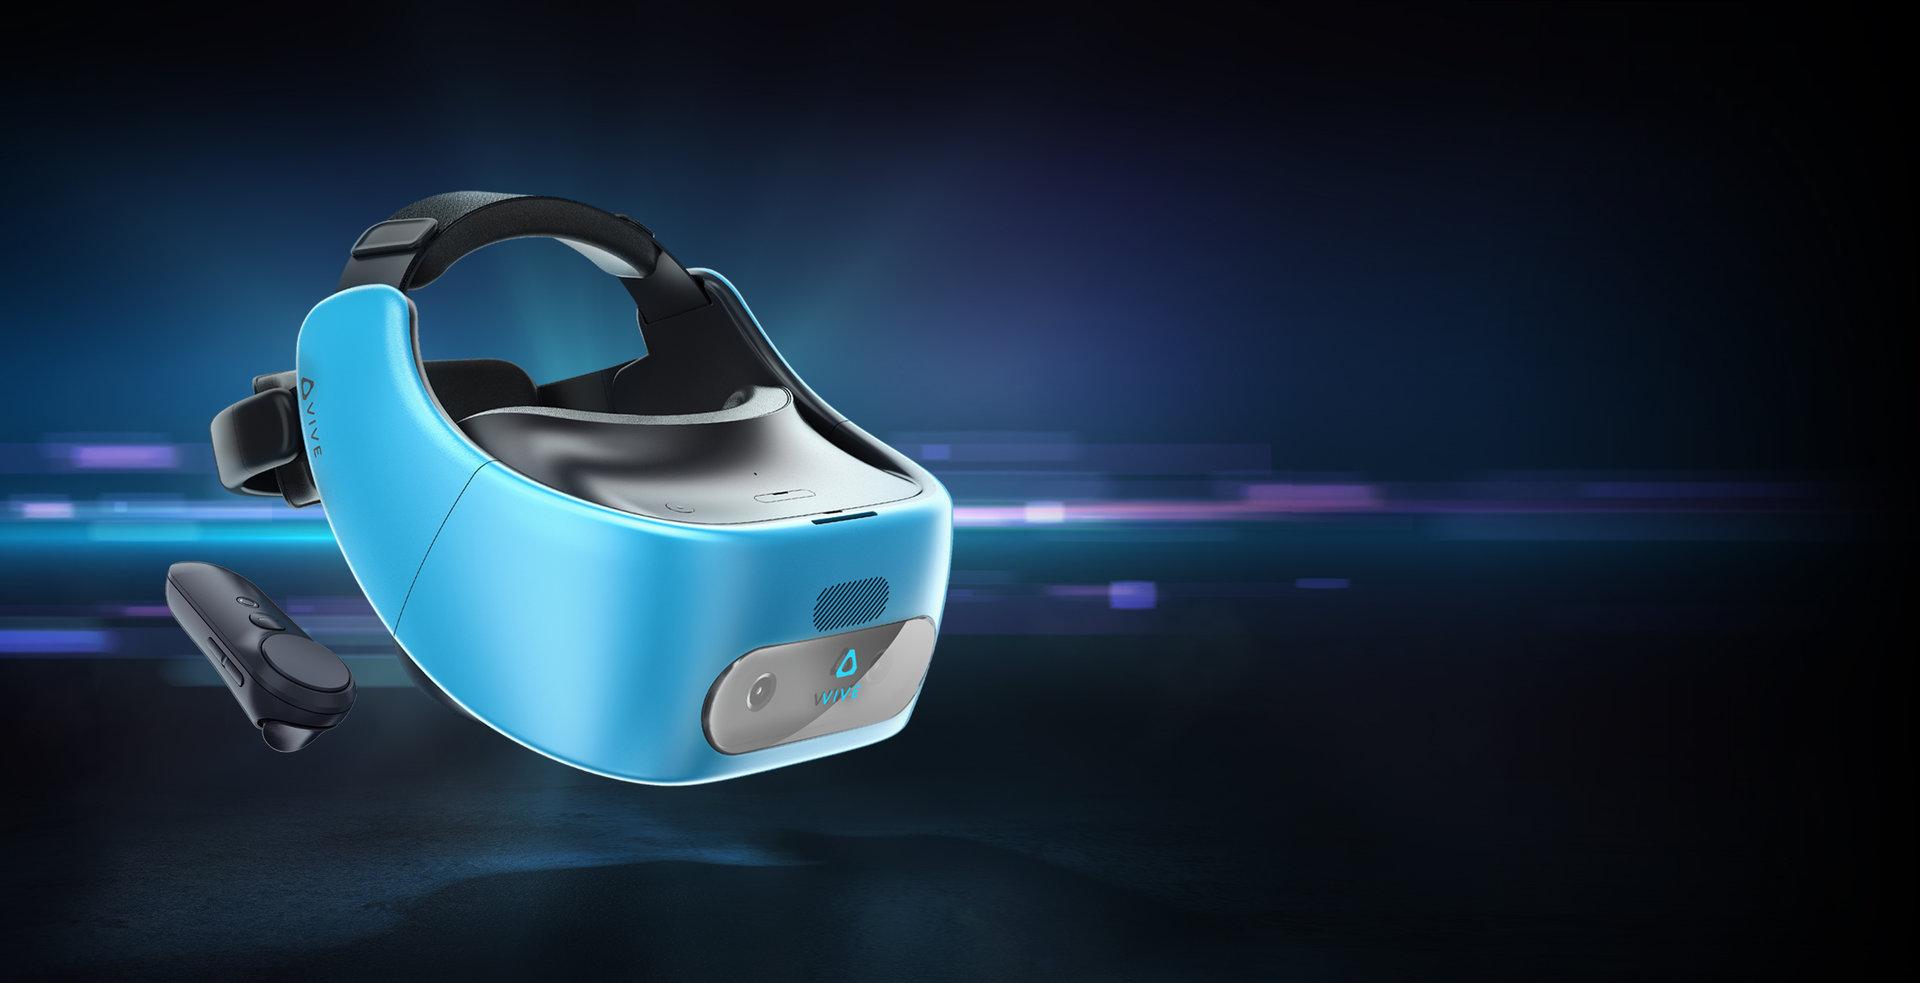 Die HTC Vive Focus mit 6DoF gibt es bisher nur in China